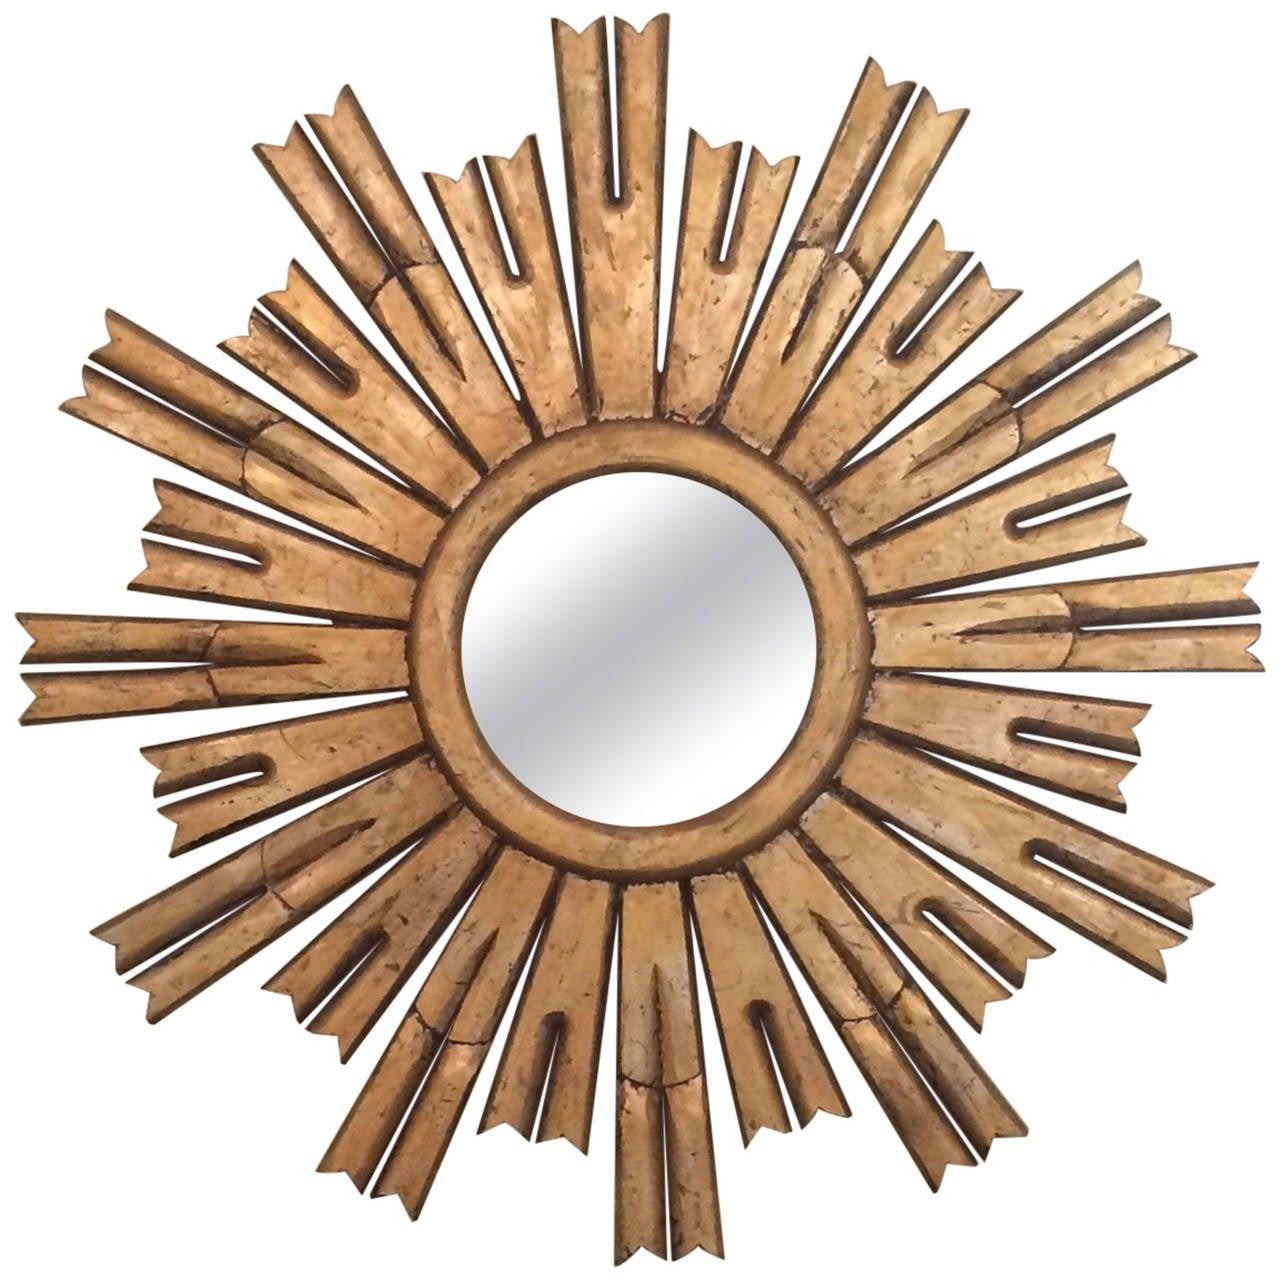 Giltwood Starburst Mirror at 1stdibs